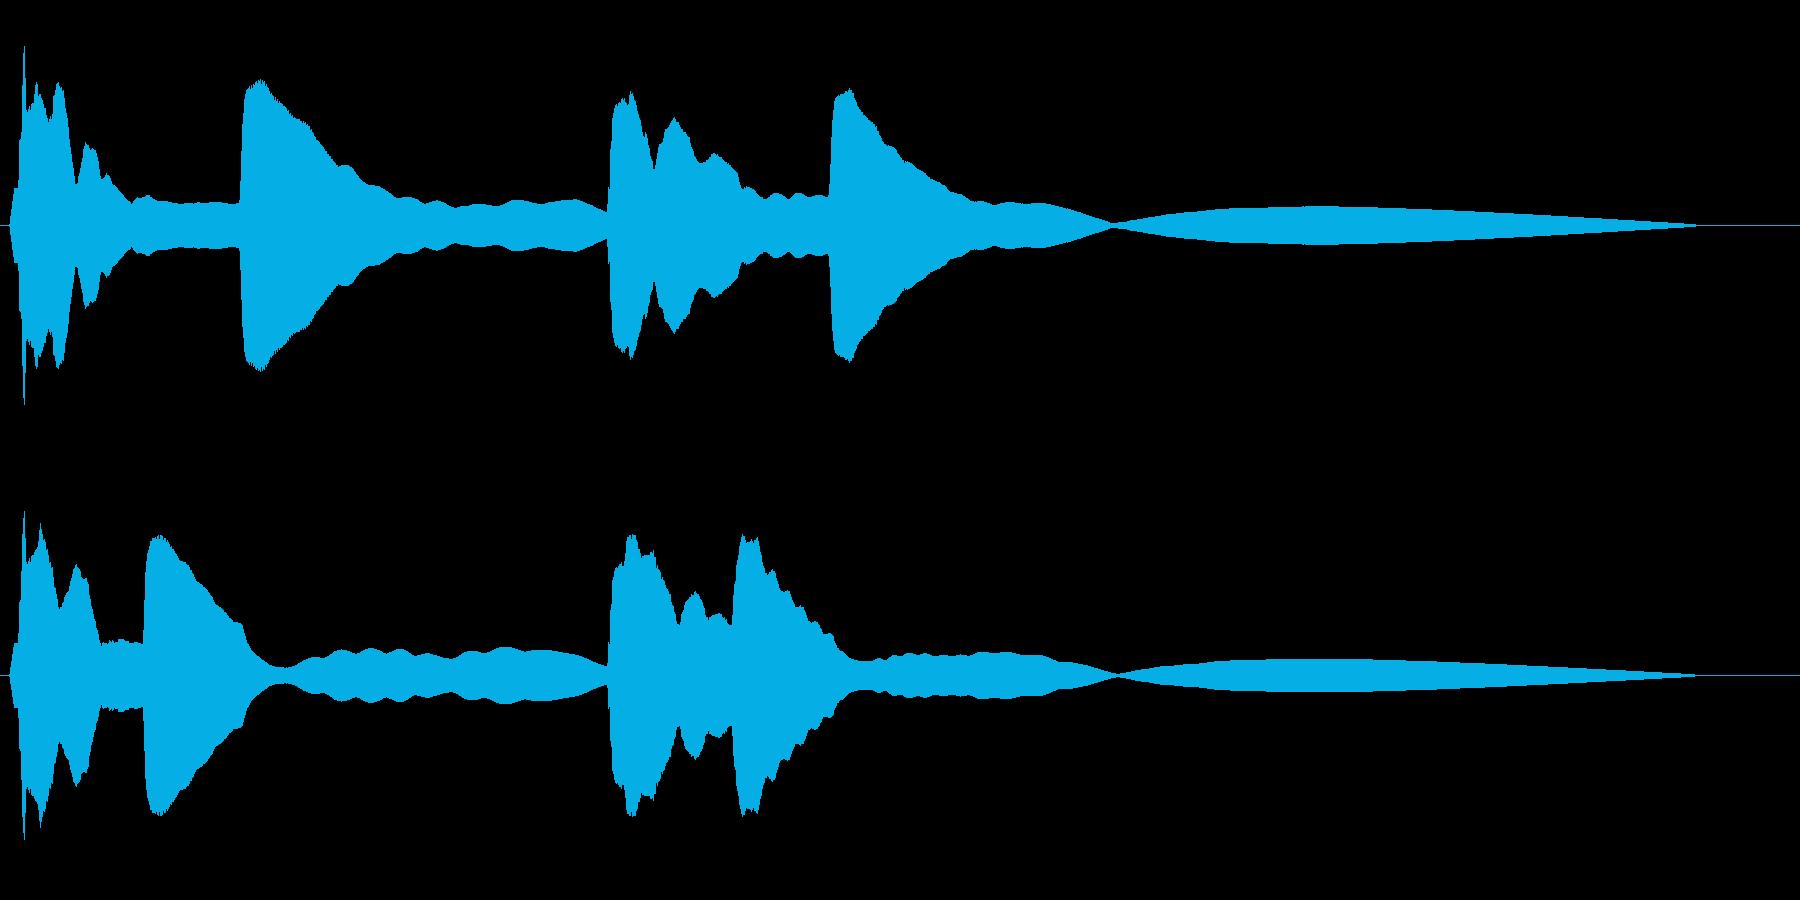 ポポポーン ピピピーン宇宙船レーダーの再生済みの波形